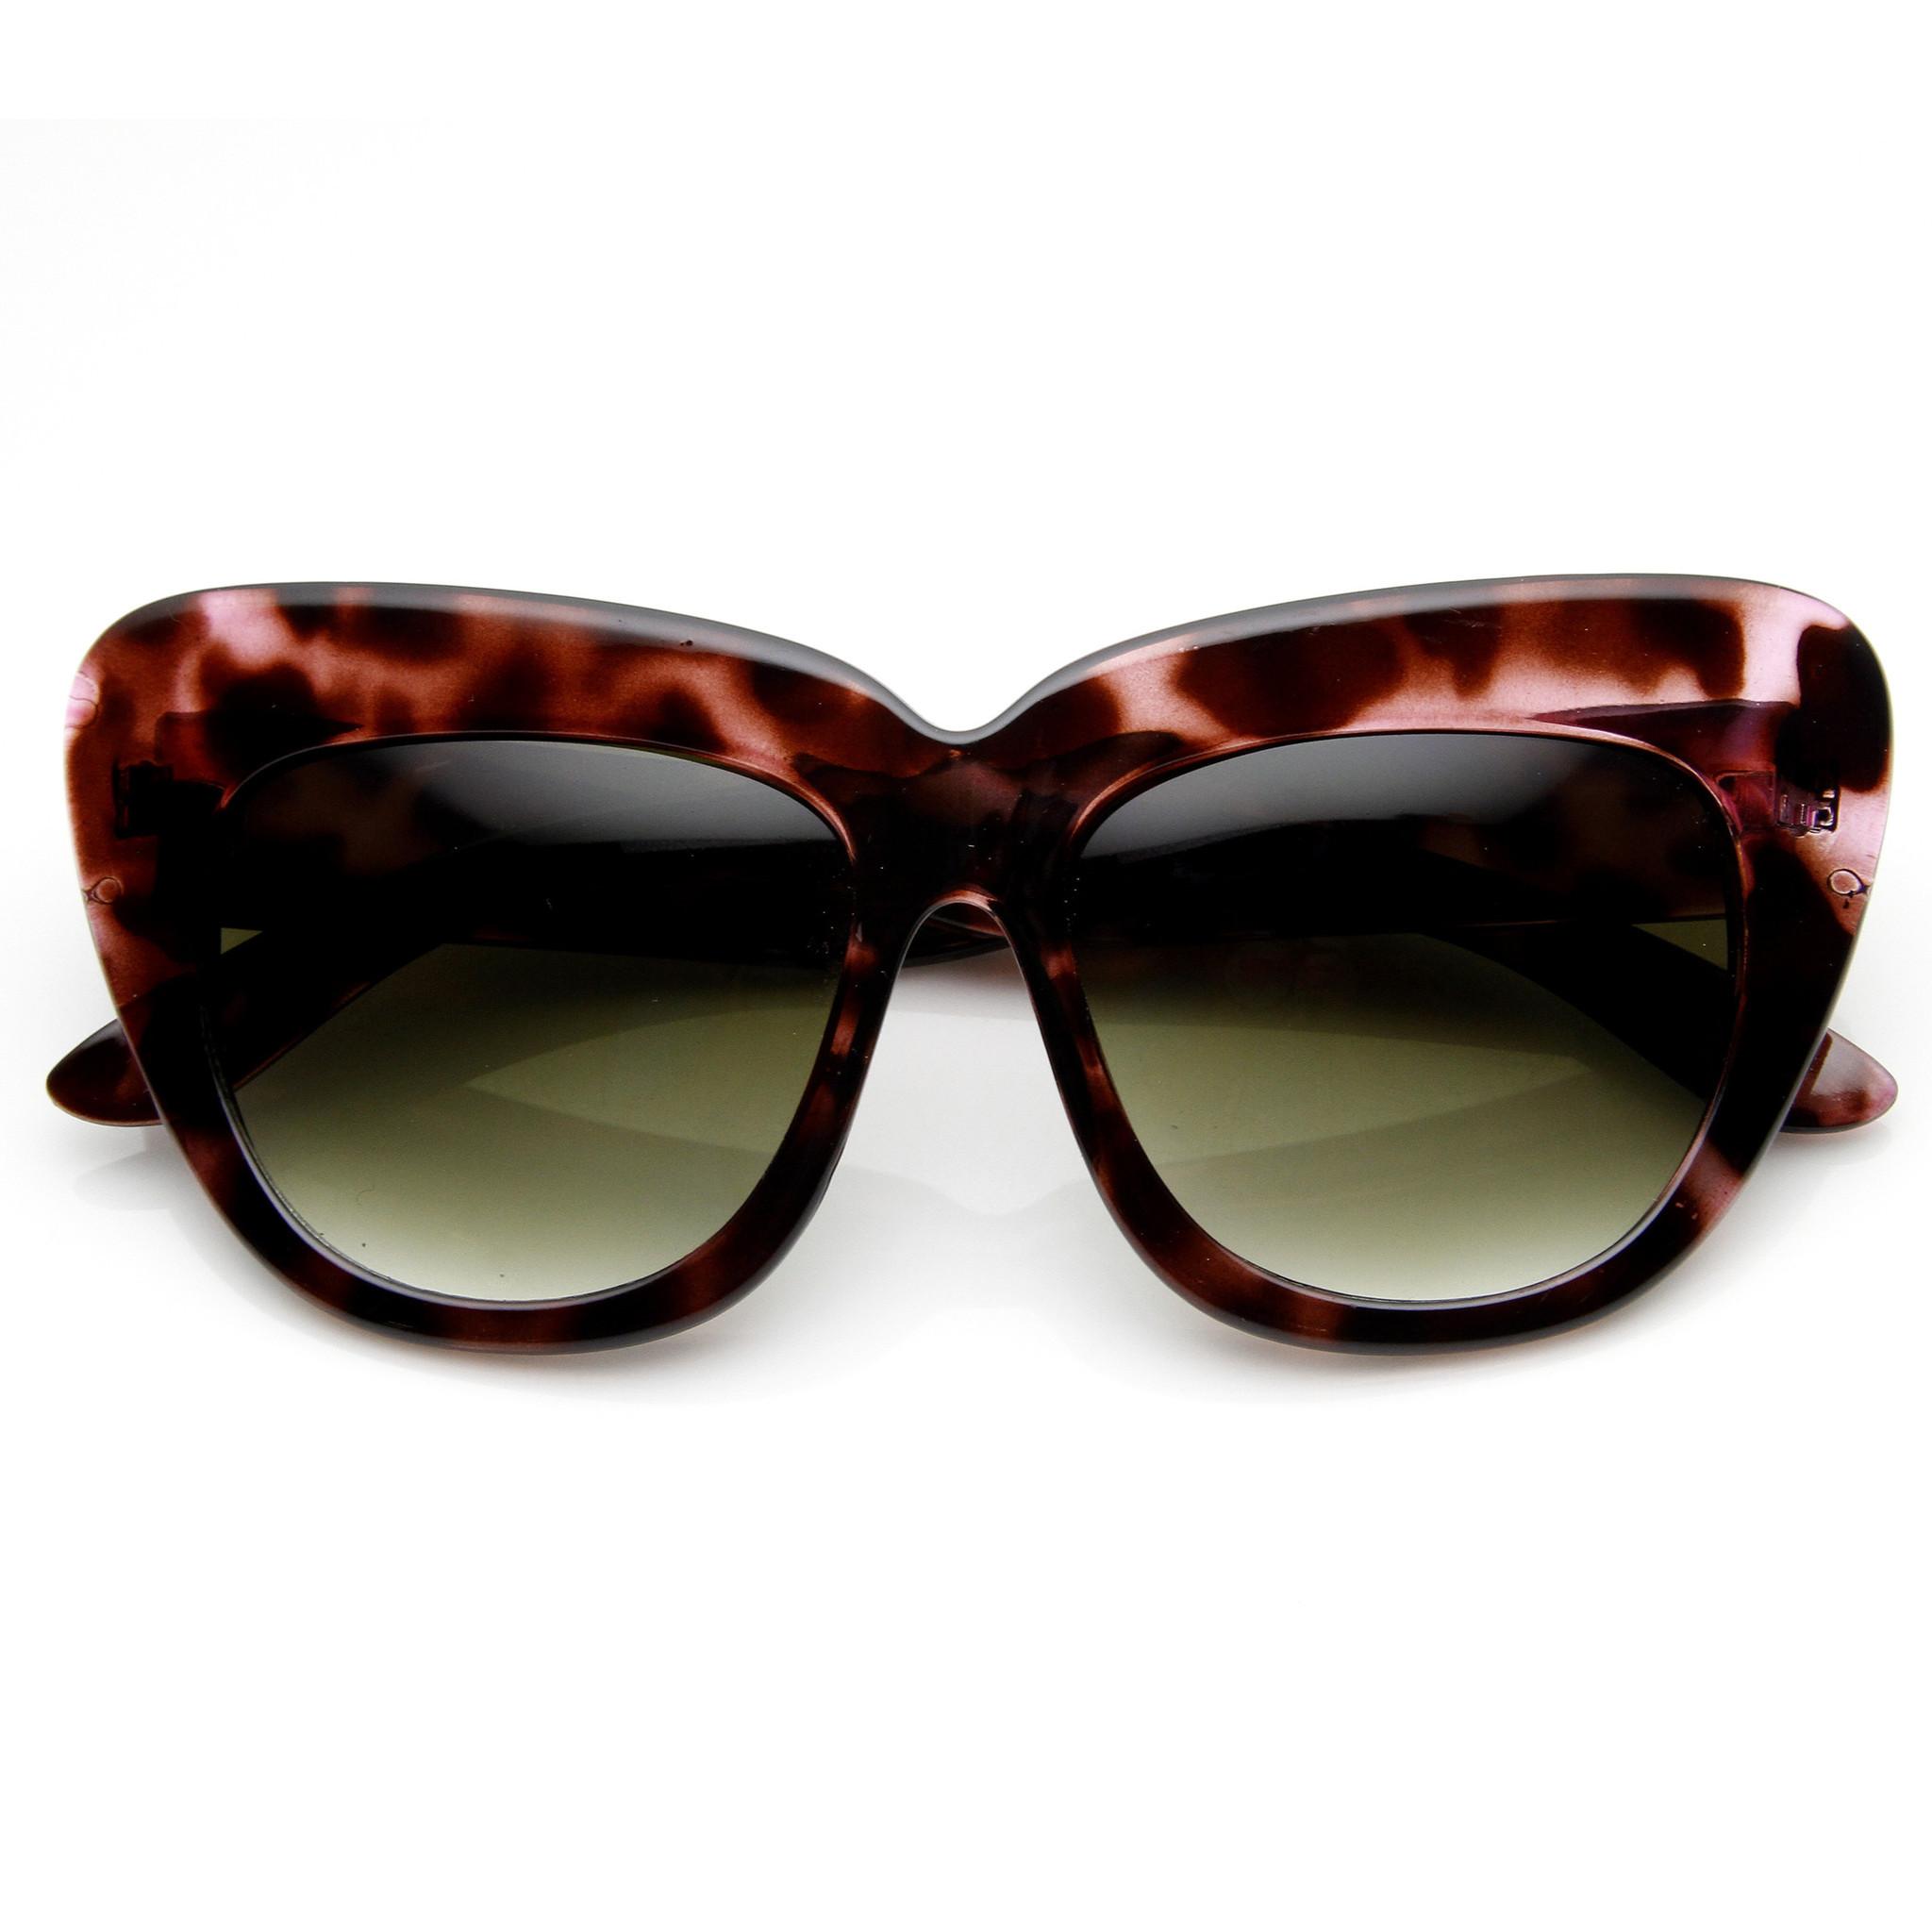 Designer fashion oversize cat eye sunglasses 8300